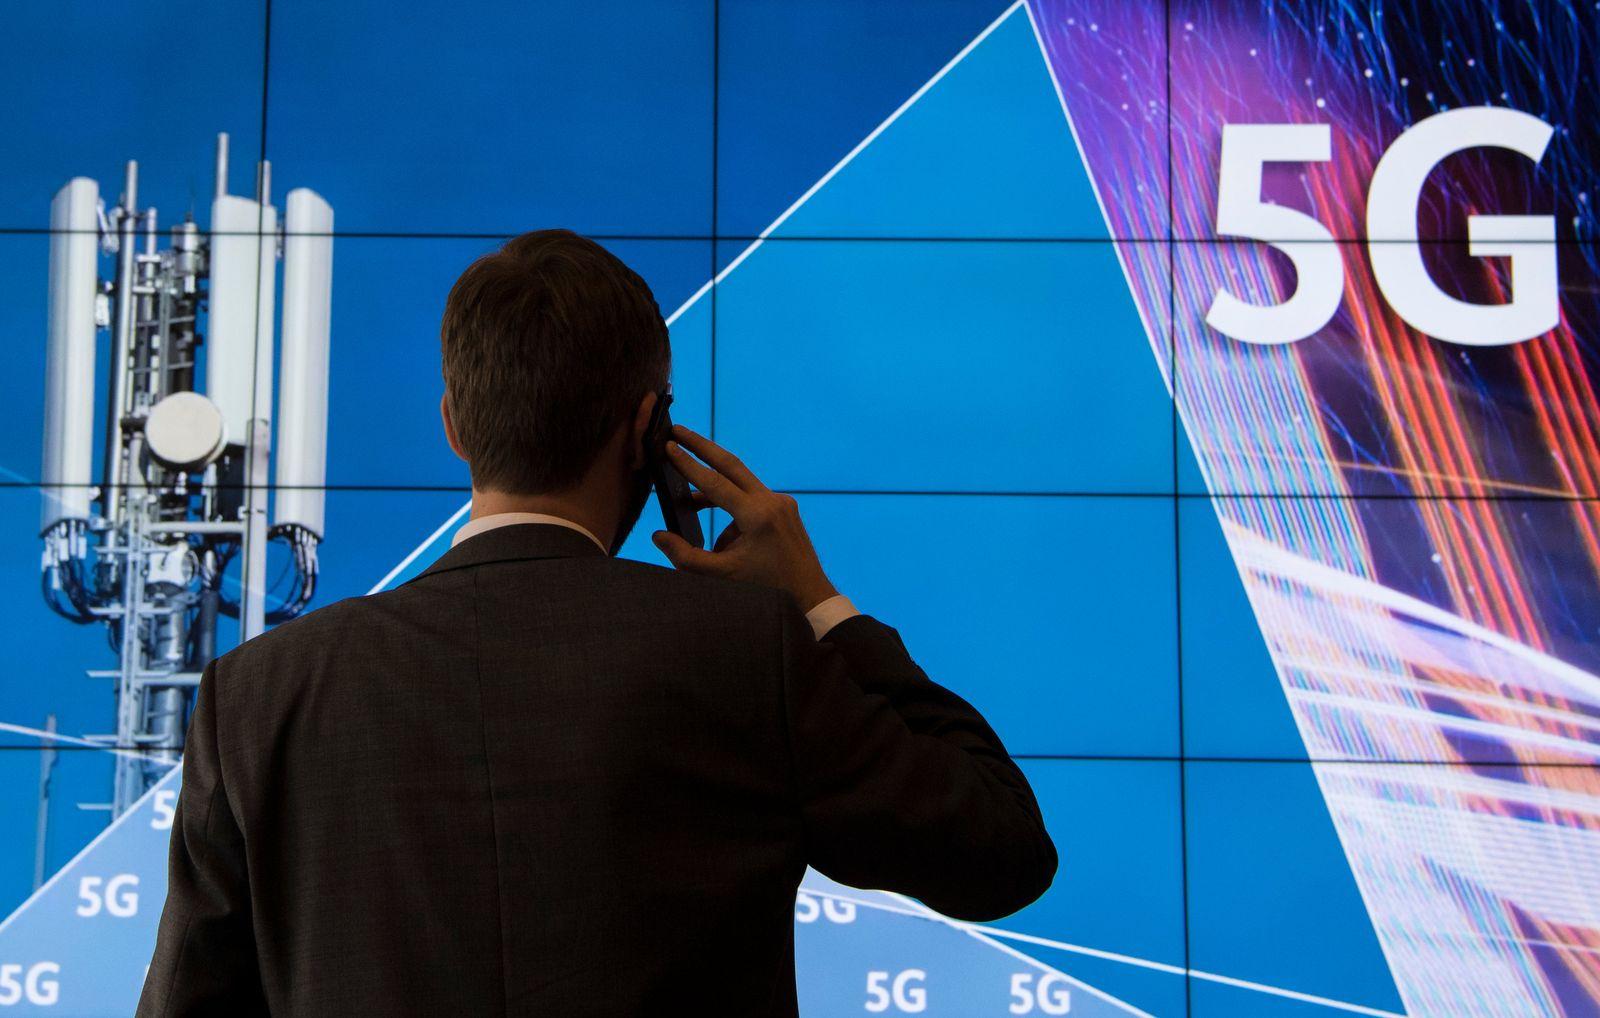 5G-Mobilfunkauktion vorbei